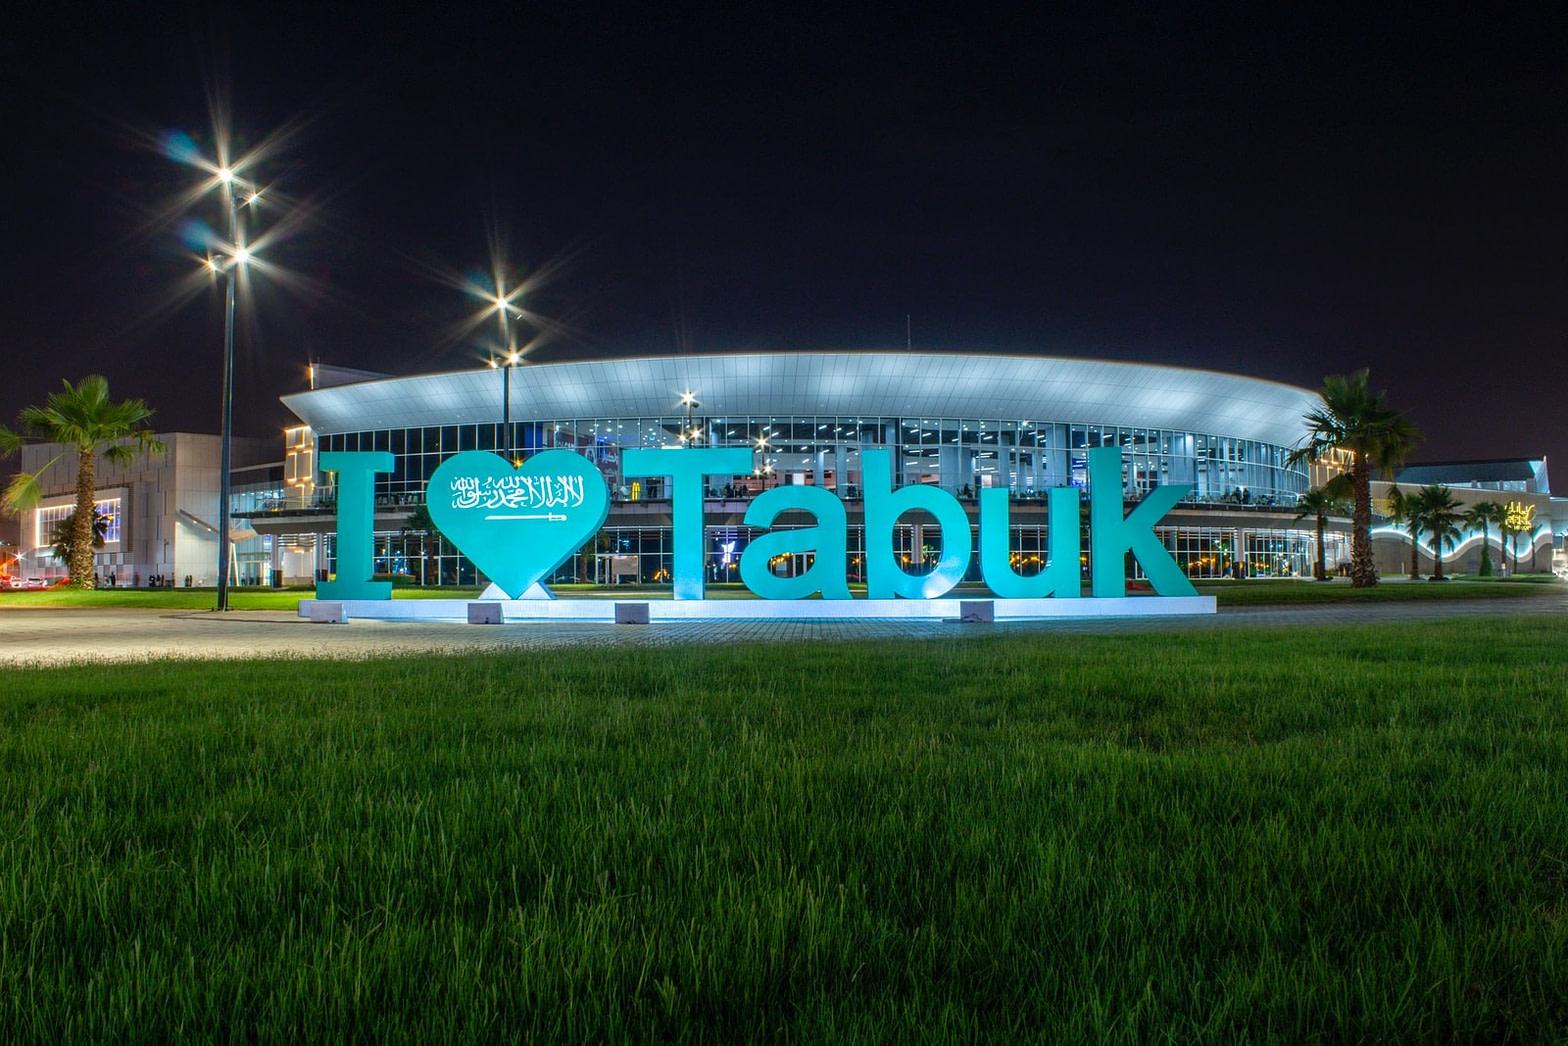 ارخص رحلة من الرياض الى تبوك